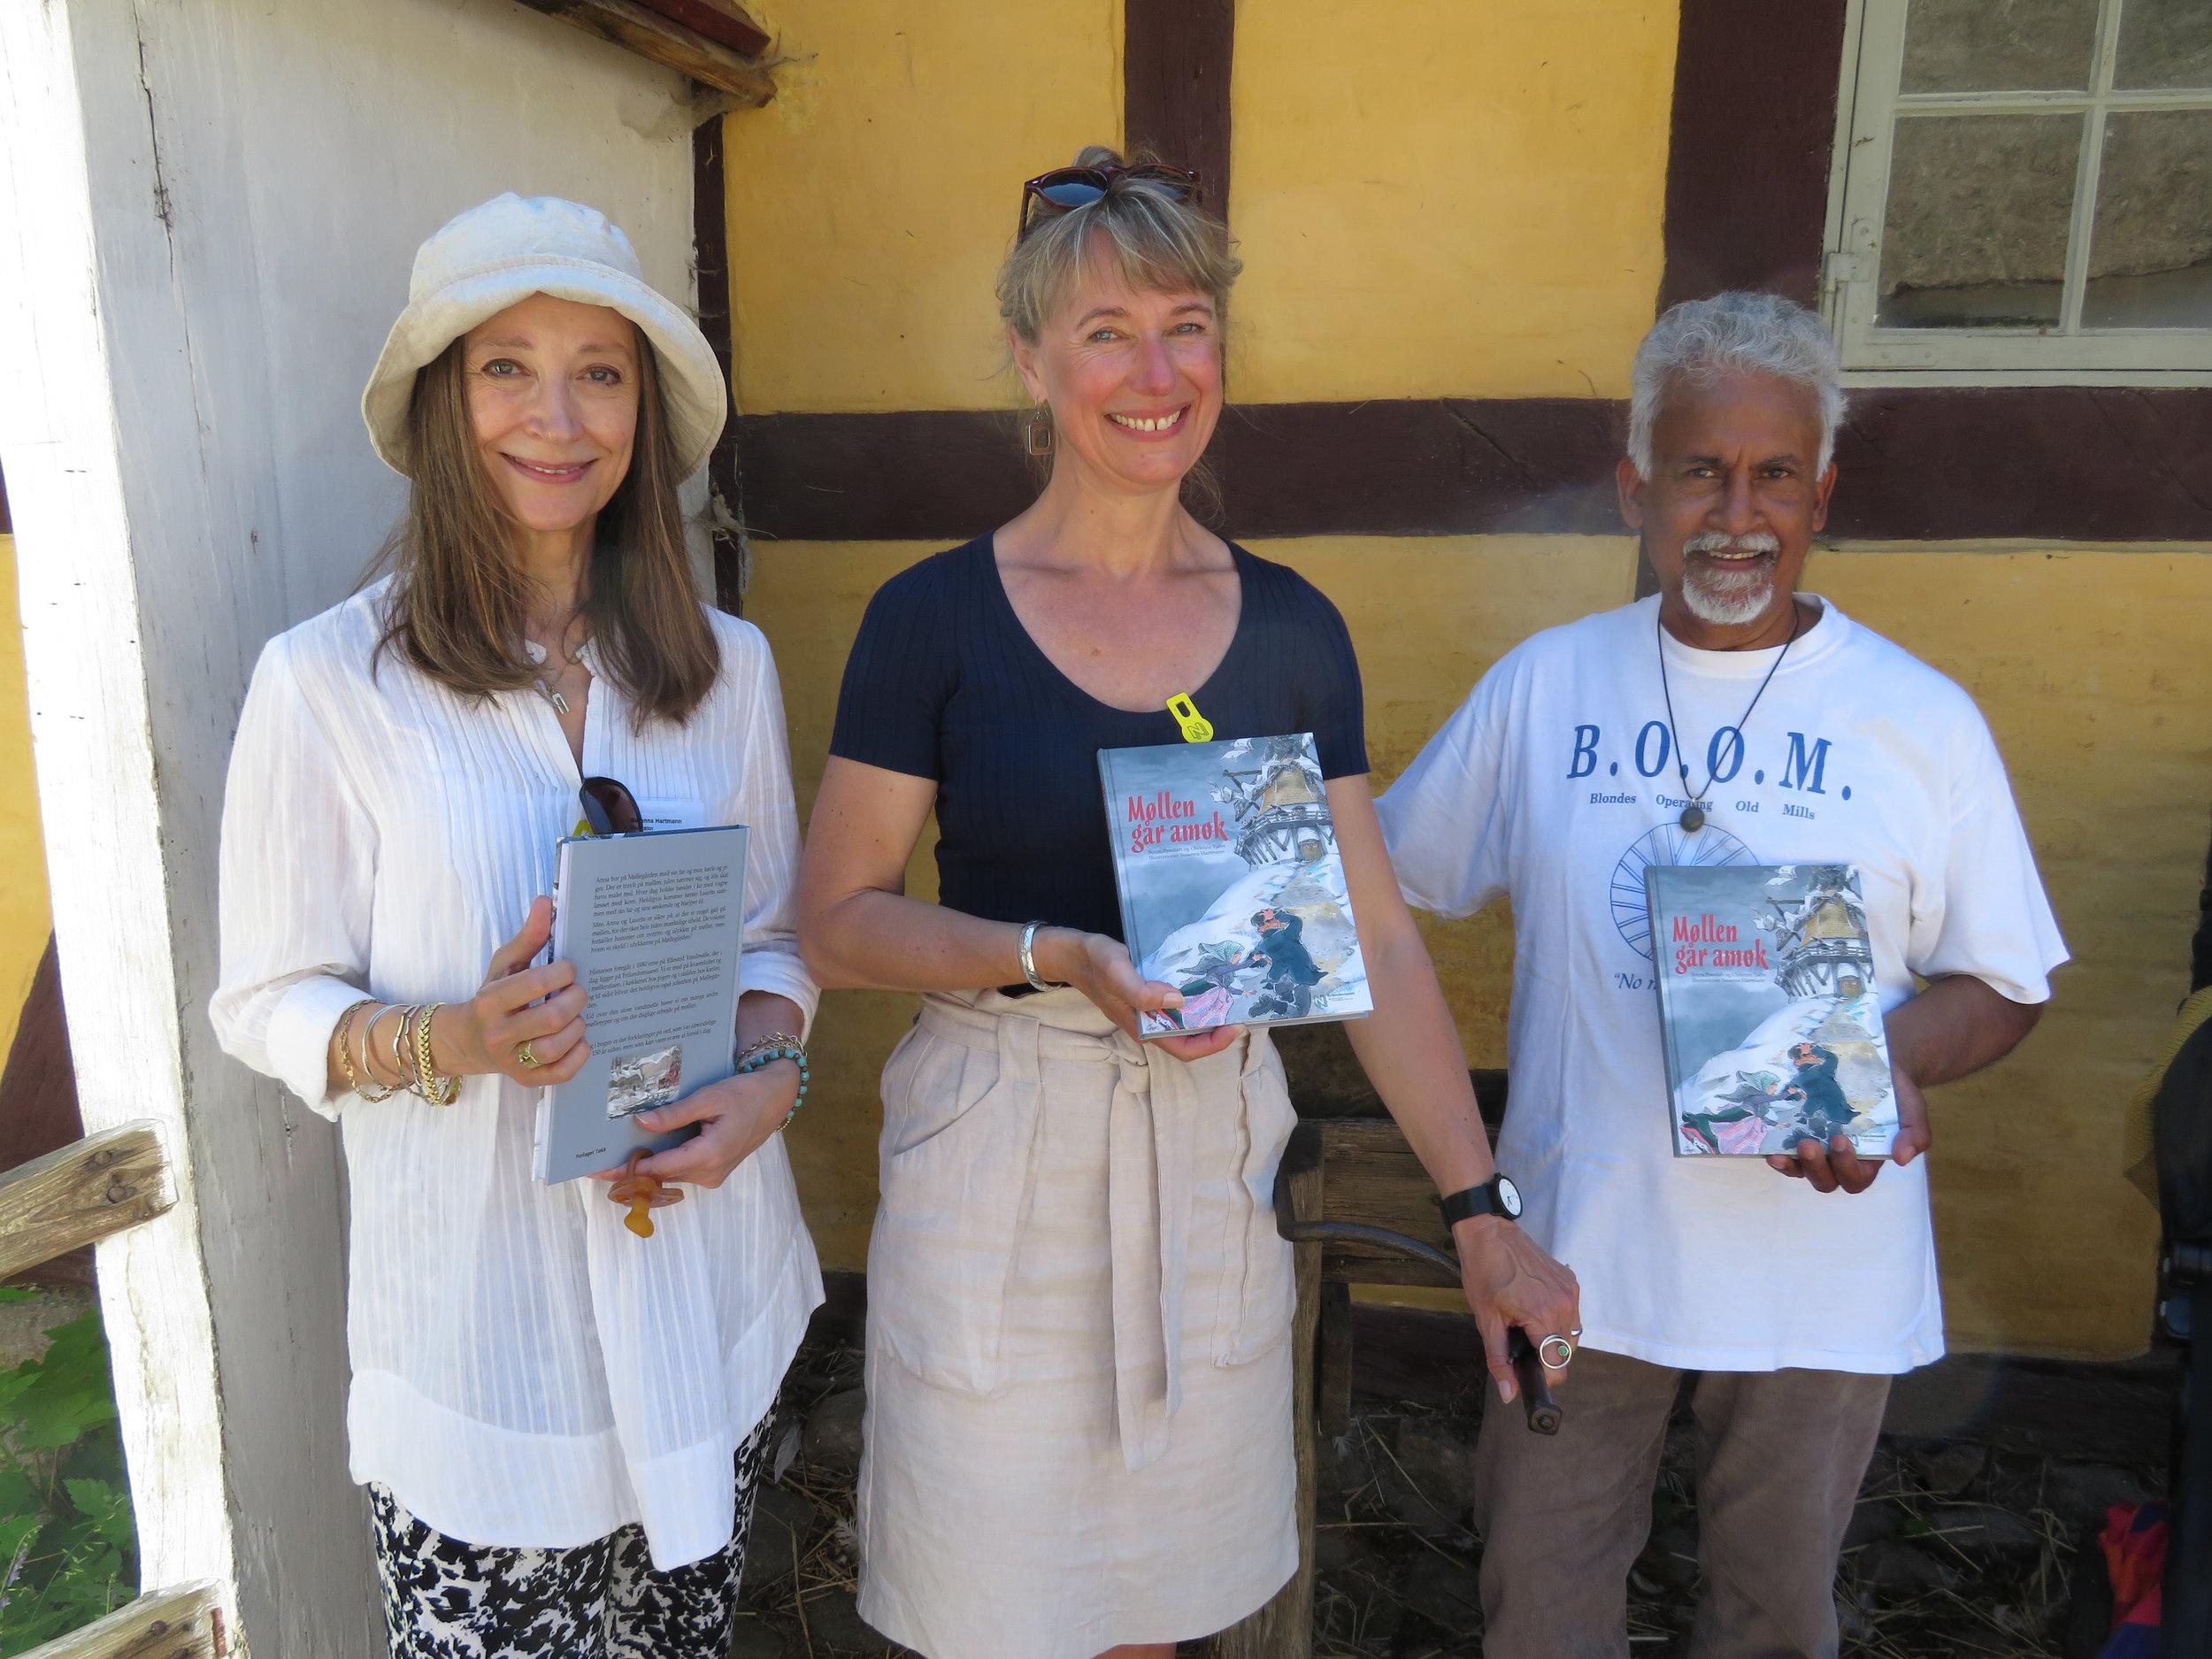 Fra venstre: Susanna Hartmann, Christine Tjalve og Boum Pyndiah    Foto: Finbarr Ryan